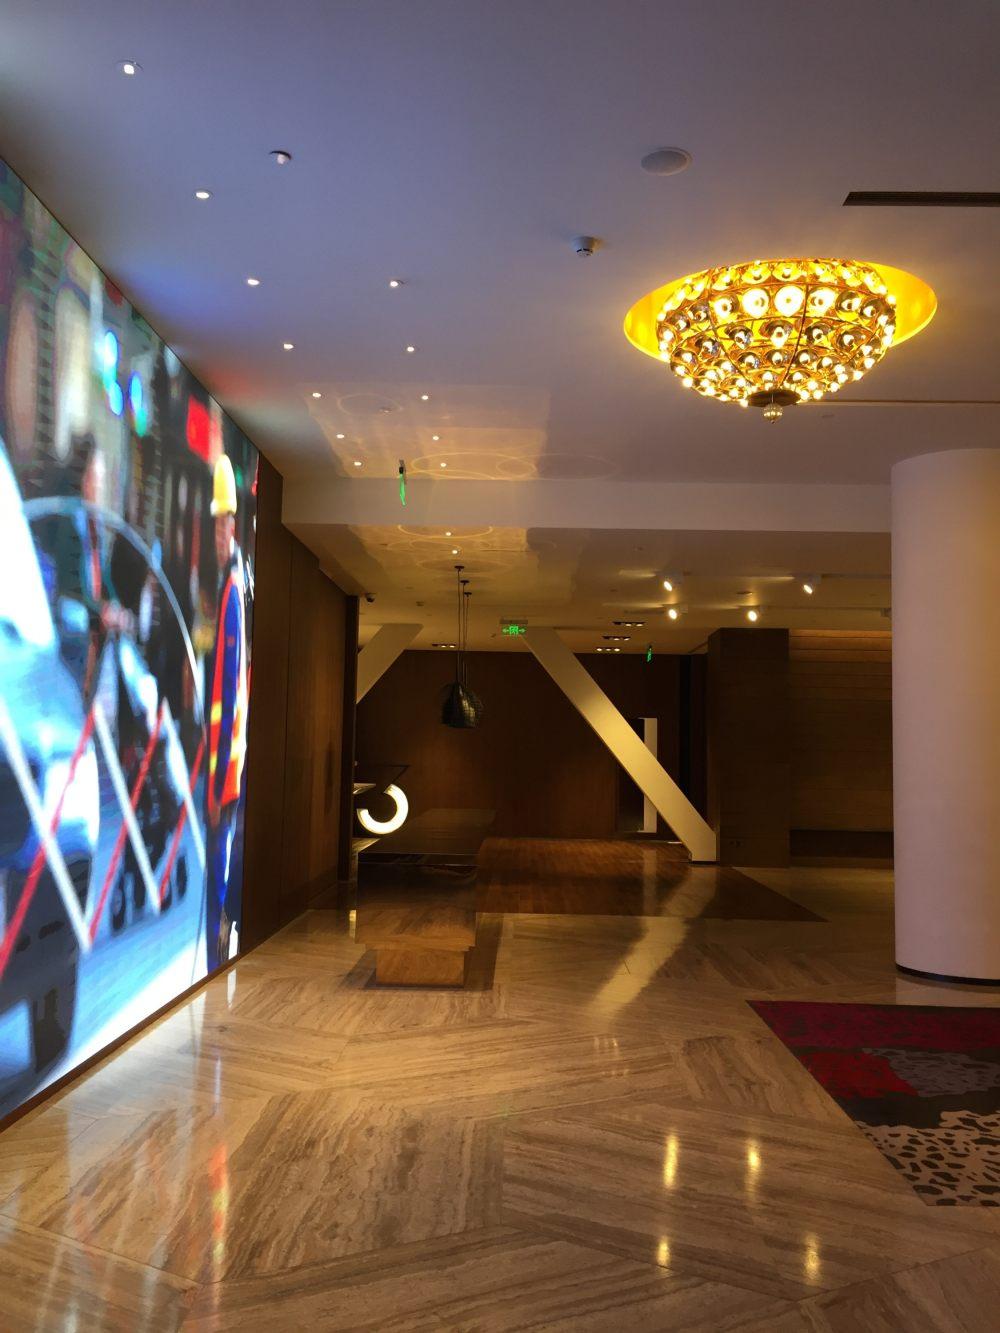 上海外滩W酒店,史上最全入住体验 自拍分享,申请置...._IMG_5968.JPG